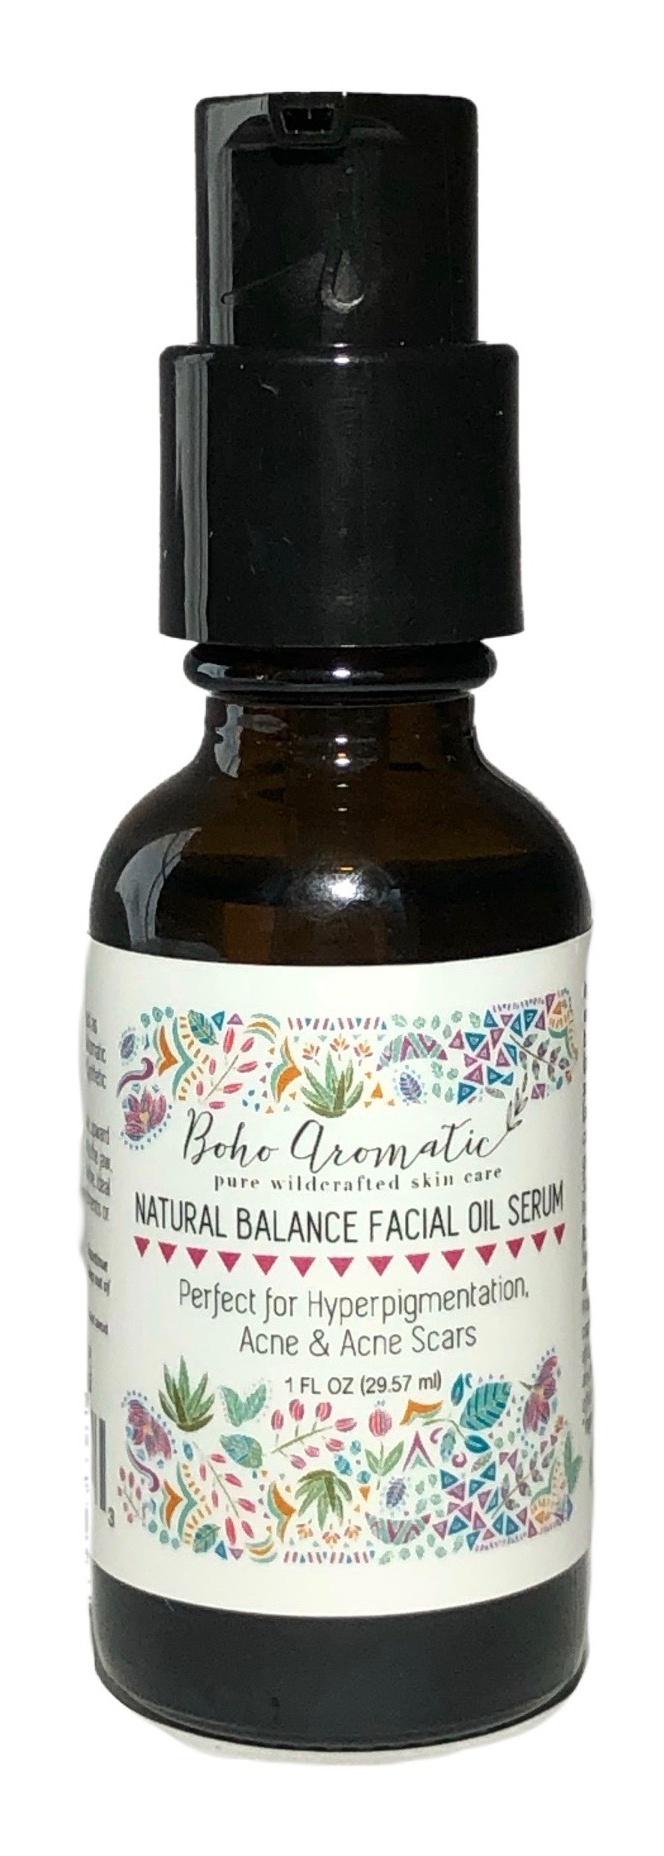 Boho Aromatic Natural Balance Facial Oil Serum